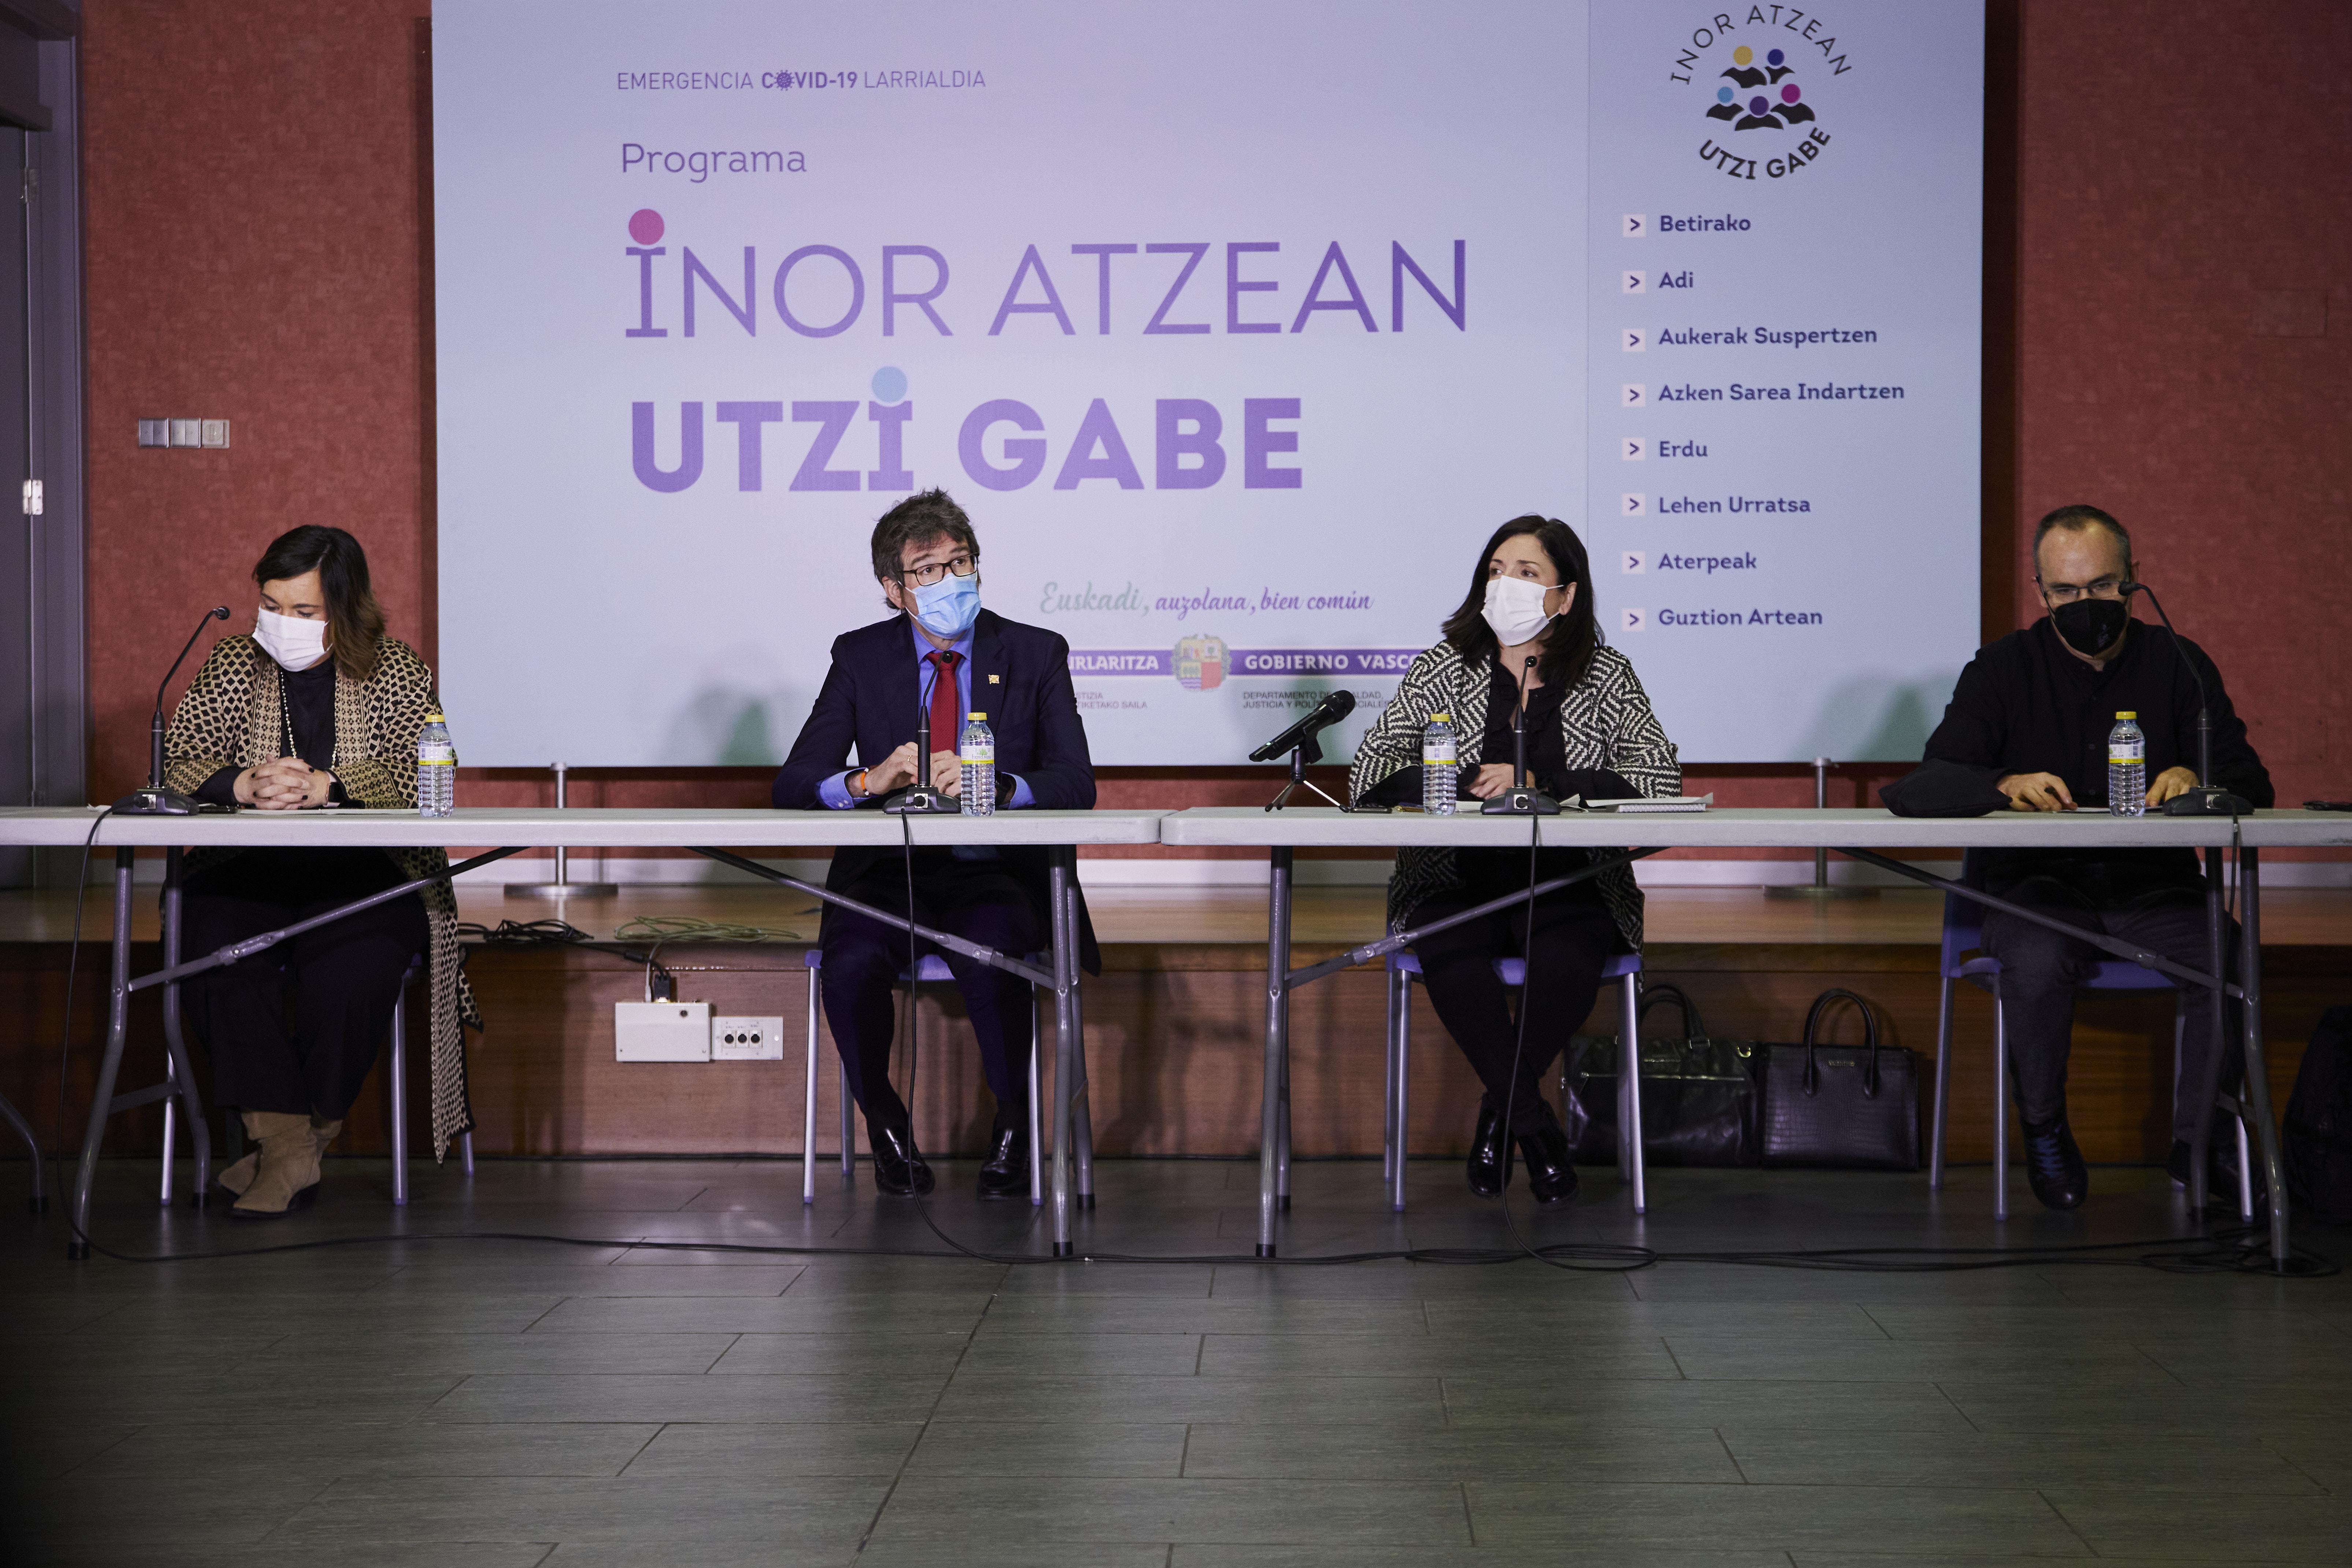 2021.03.17_Inor_Atzean_Utzi_Gabe_028.jpg